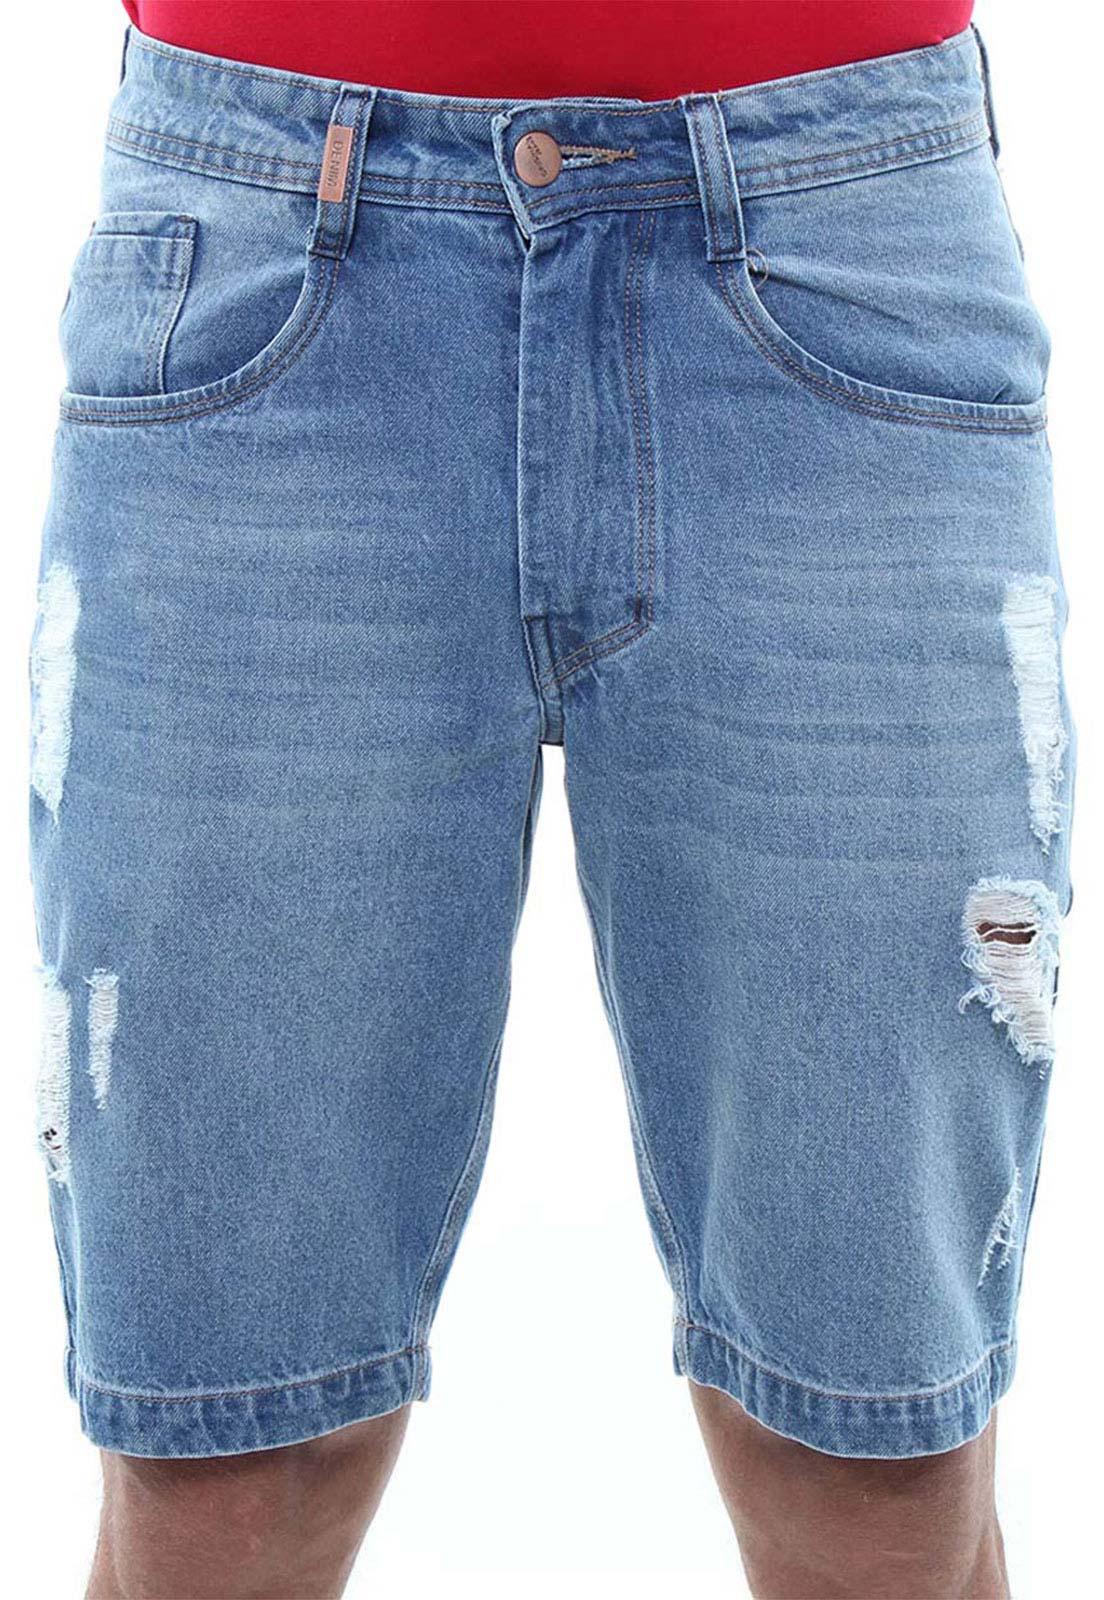 Bermuda Jeans Masculina Destroyed Confort Crocker - 47763  - CROCKER JEANS